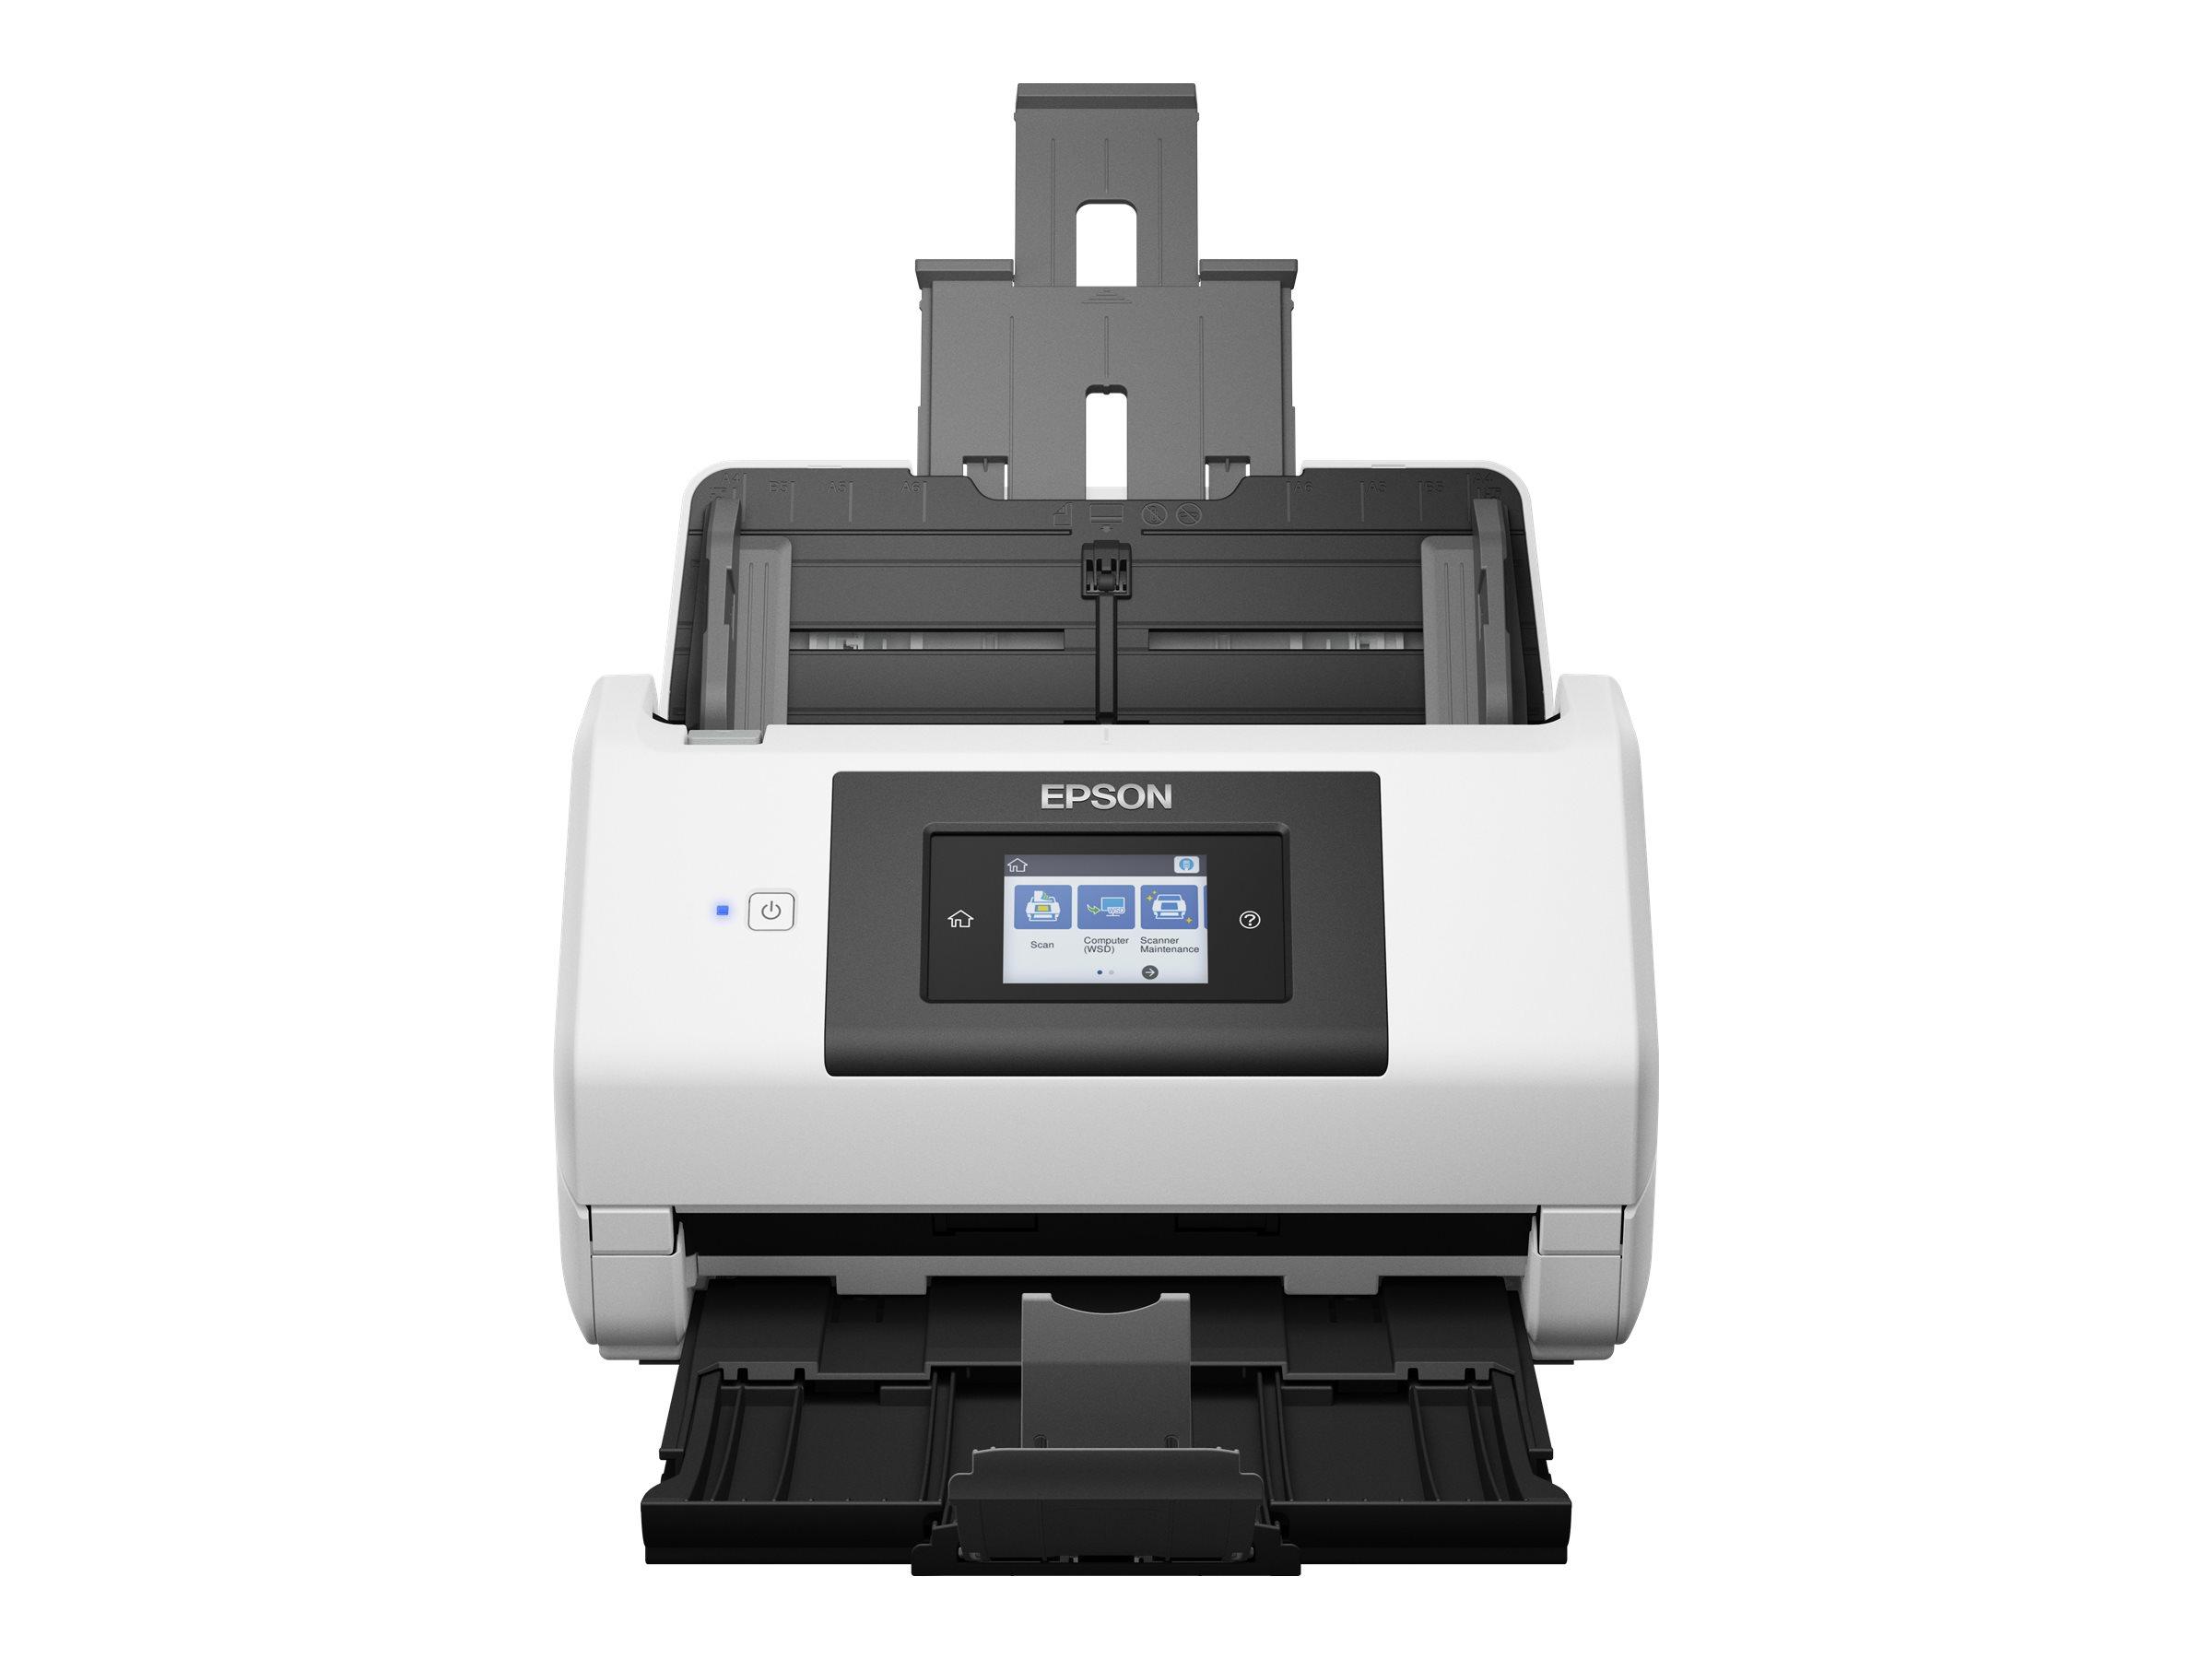 Workforce ds 780n dokumentenscanner duplex a4 legal 600 dpi x 600 dpi bis zu 45 seiten min einfarbig bis zu 45 seiten min farbe 7470838 b11b227401